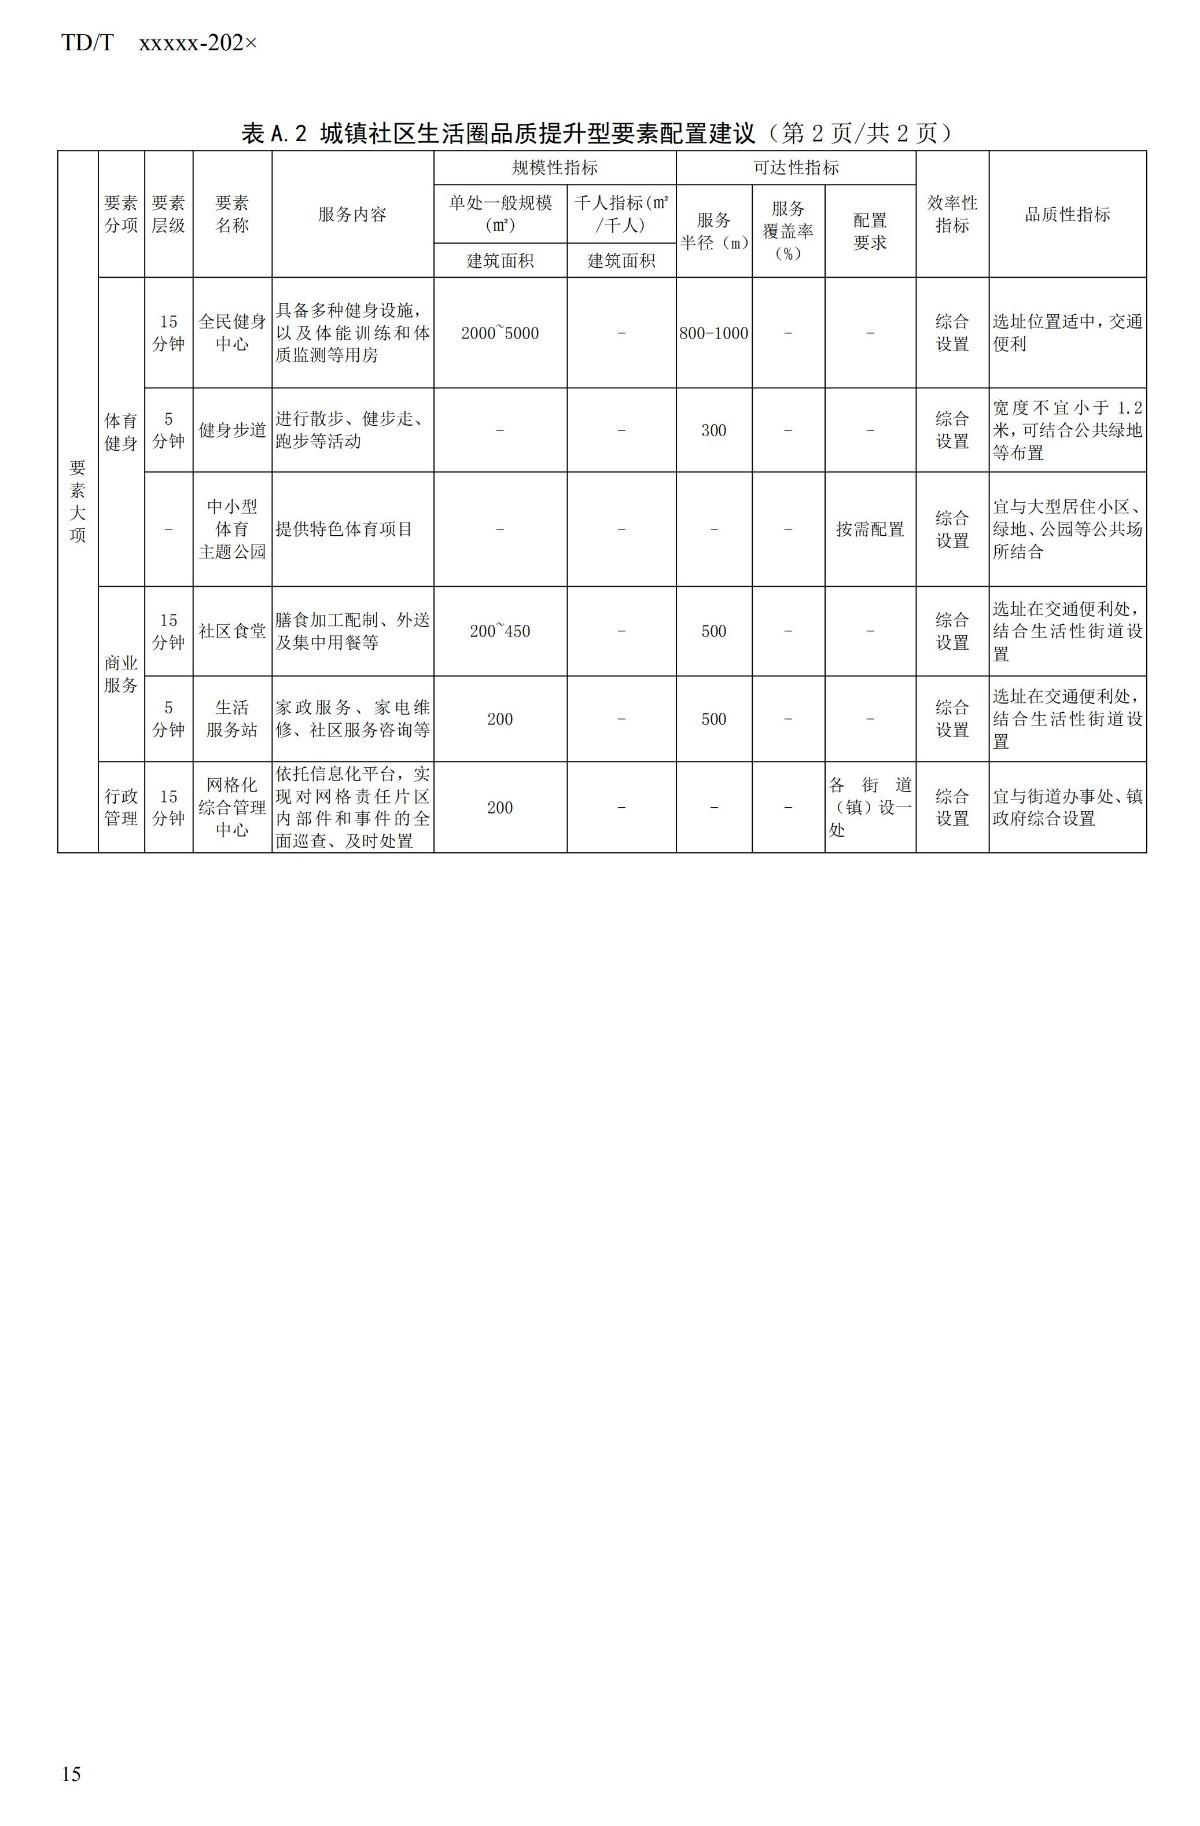 20_WD_240432_社区生活圈规划技术指南_20.jpg